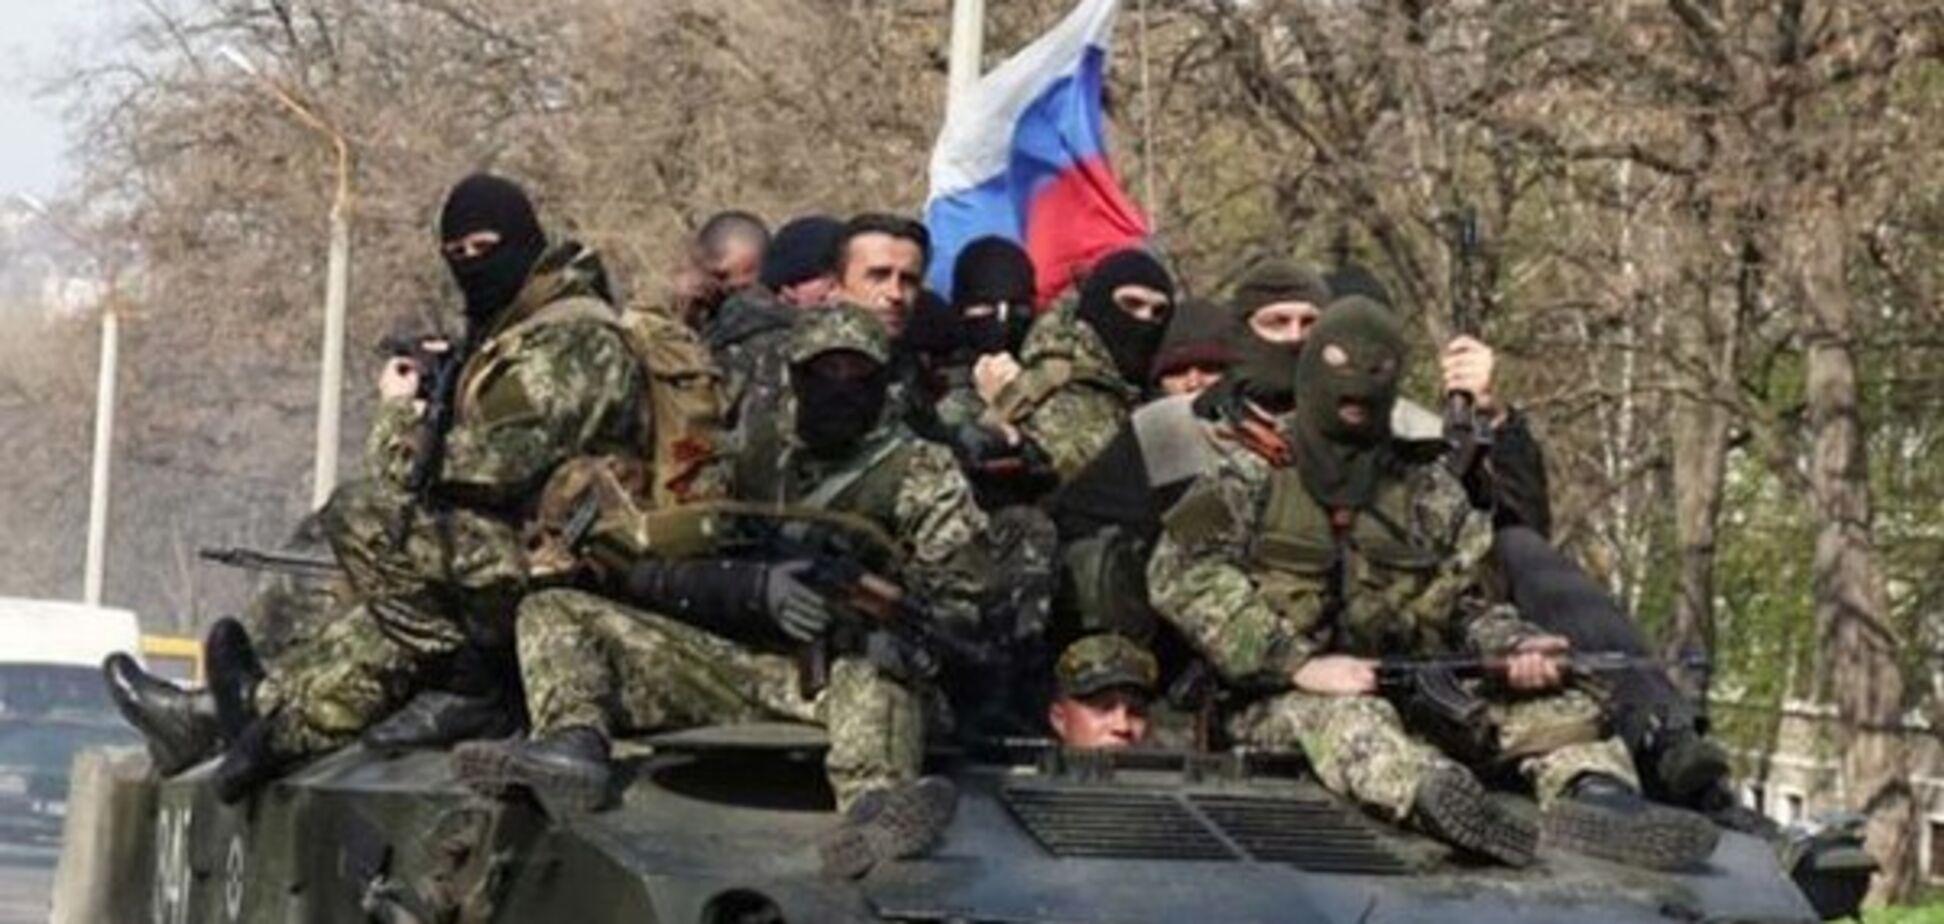 'Введемо війська': на КремльТВ пригрозили нападом на Україну через Сирію